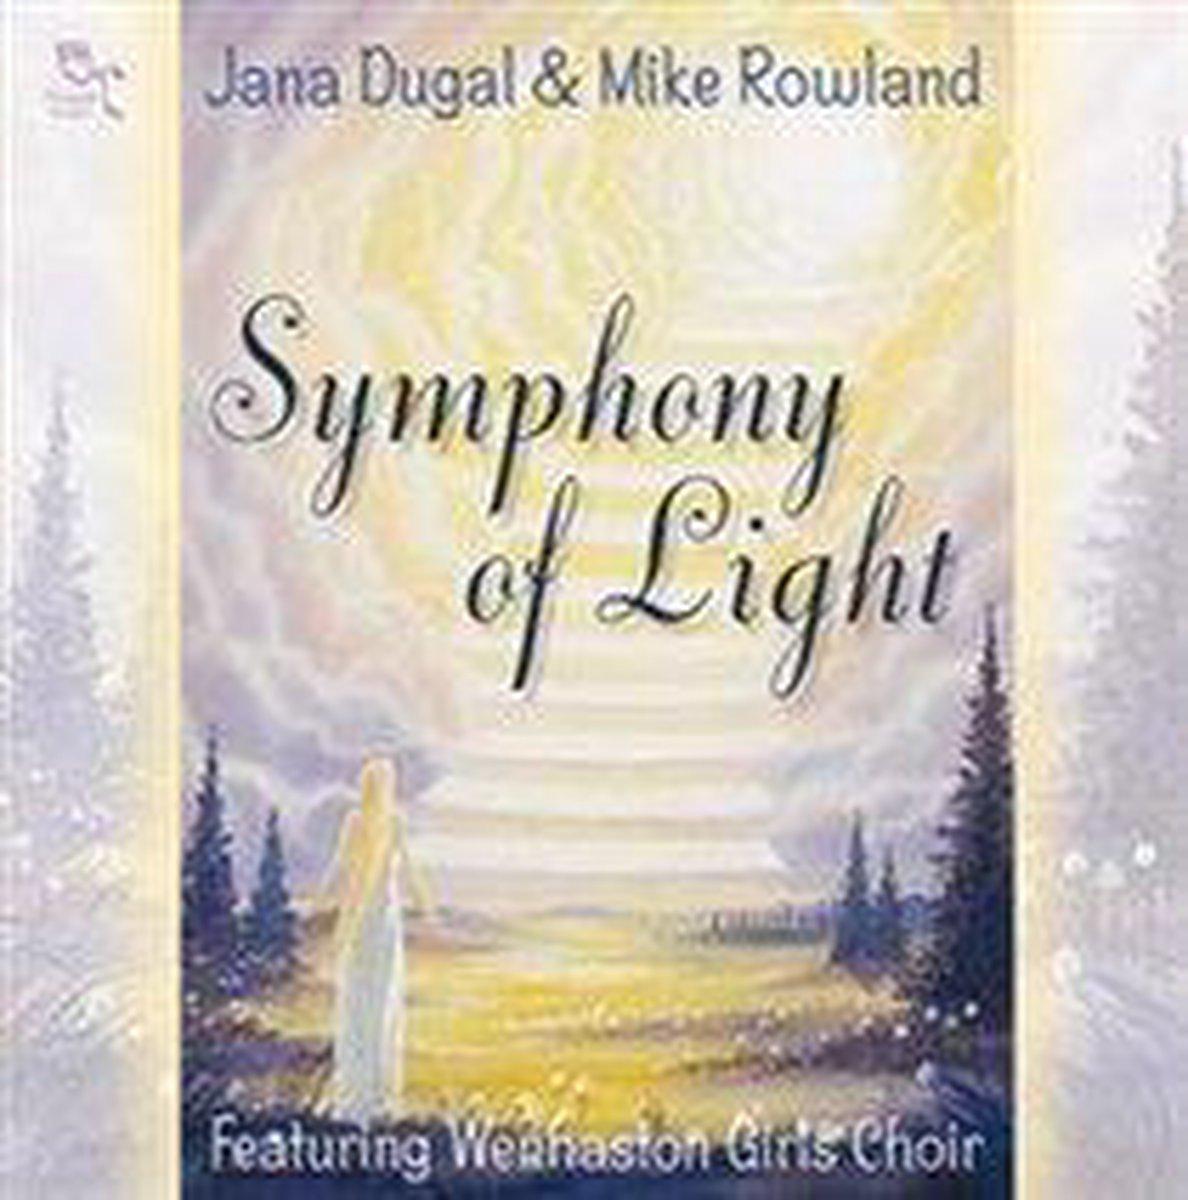 Symphony Of Light - Jana Dugal & Mike Rowland